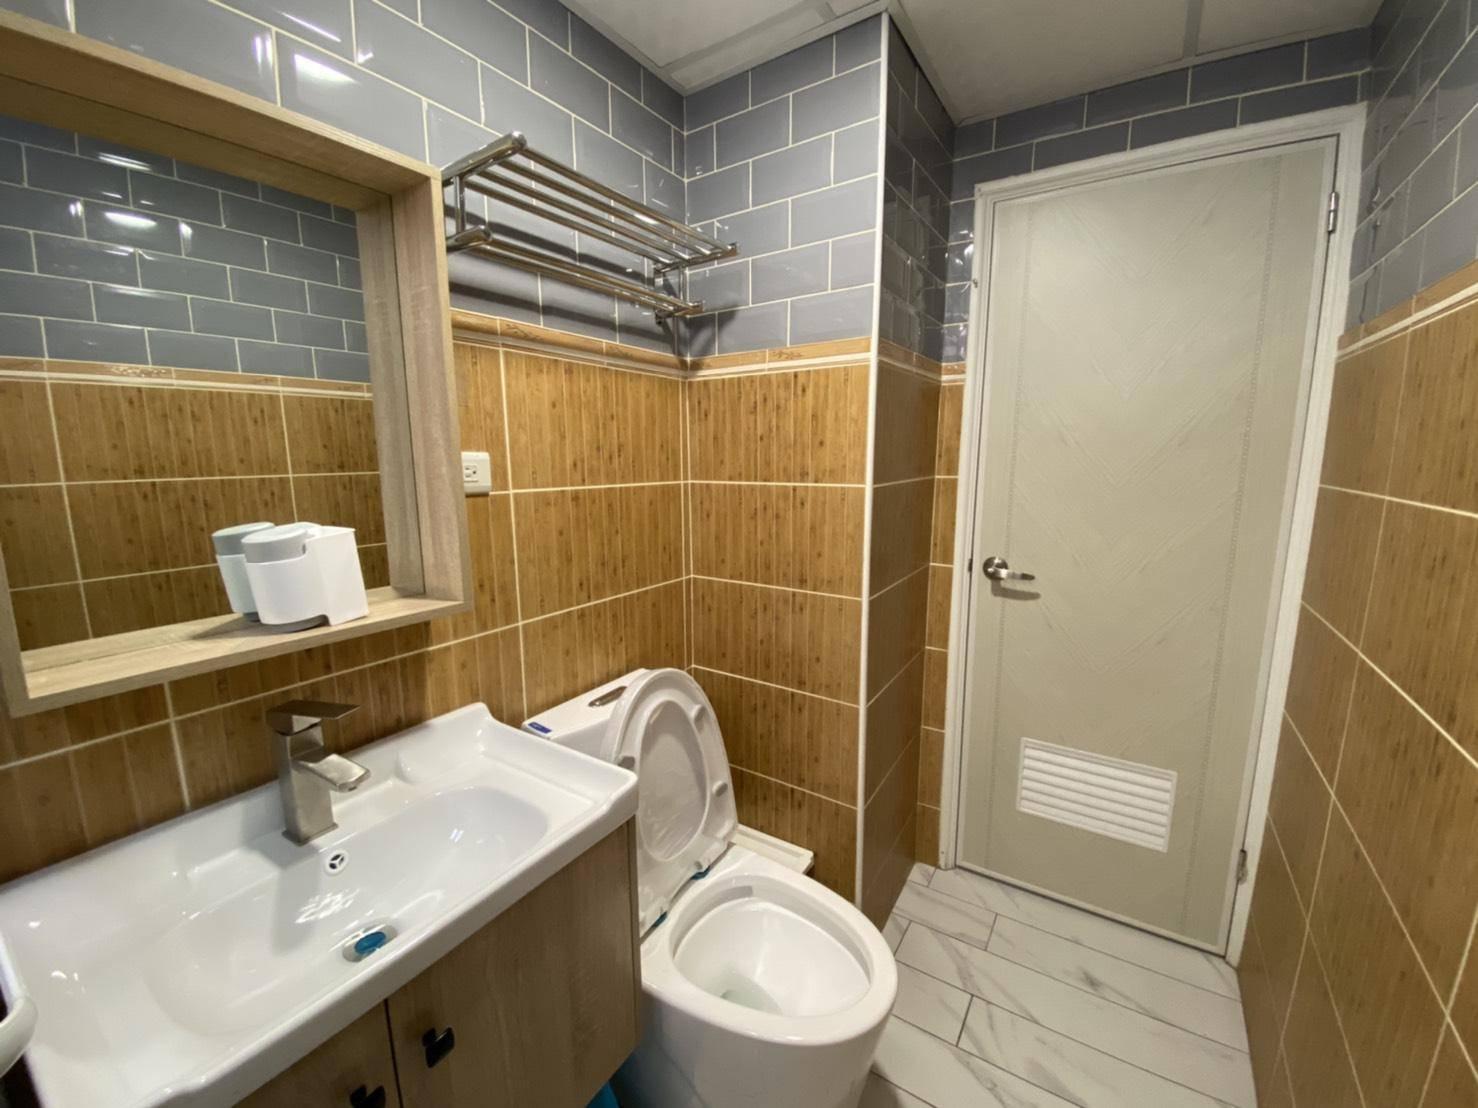 地鐵磚【HGU10202灰色 亮面】商空,浴室,廚房 實景拍攝